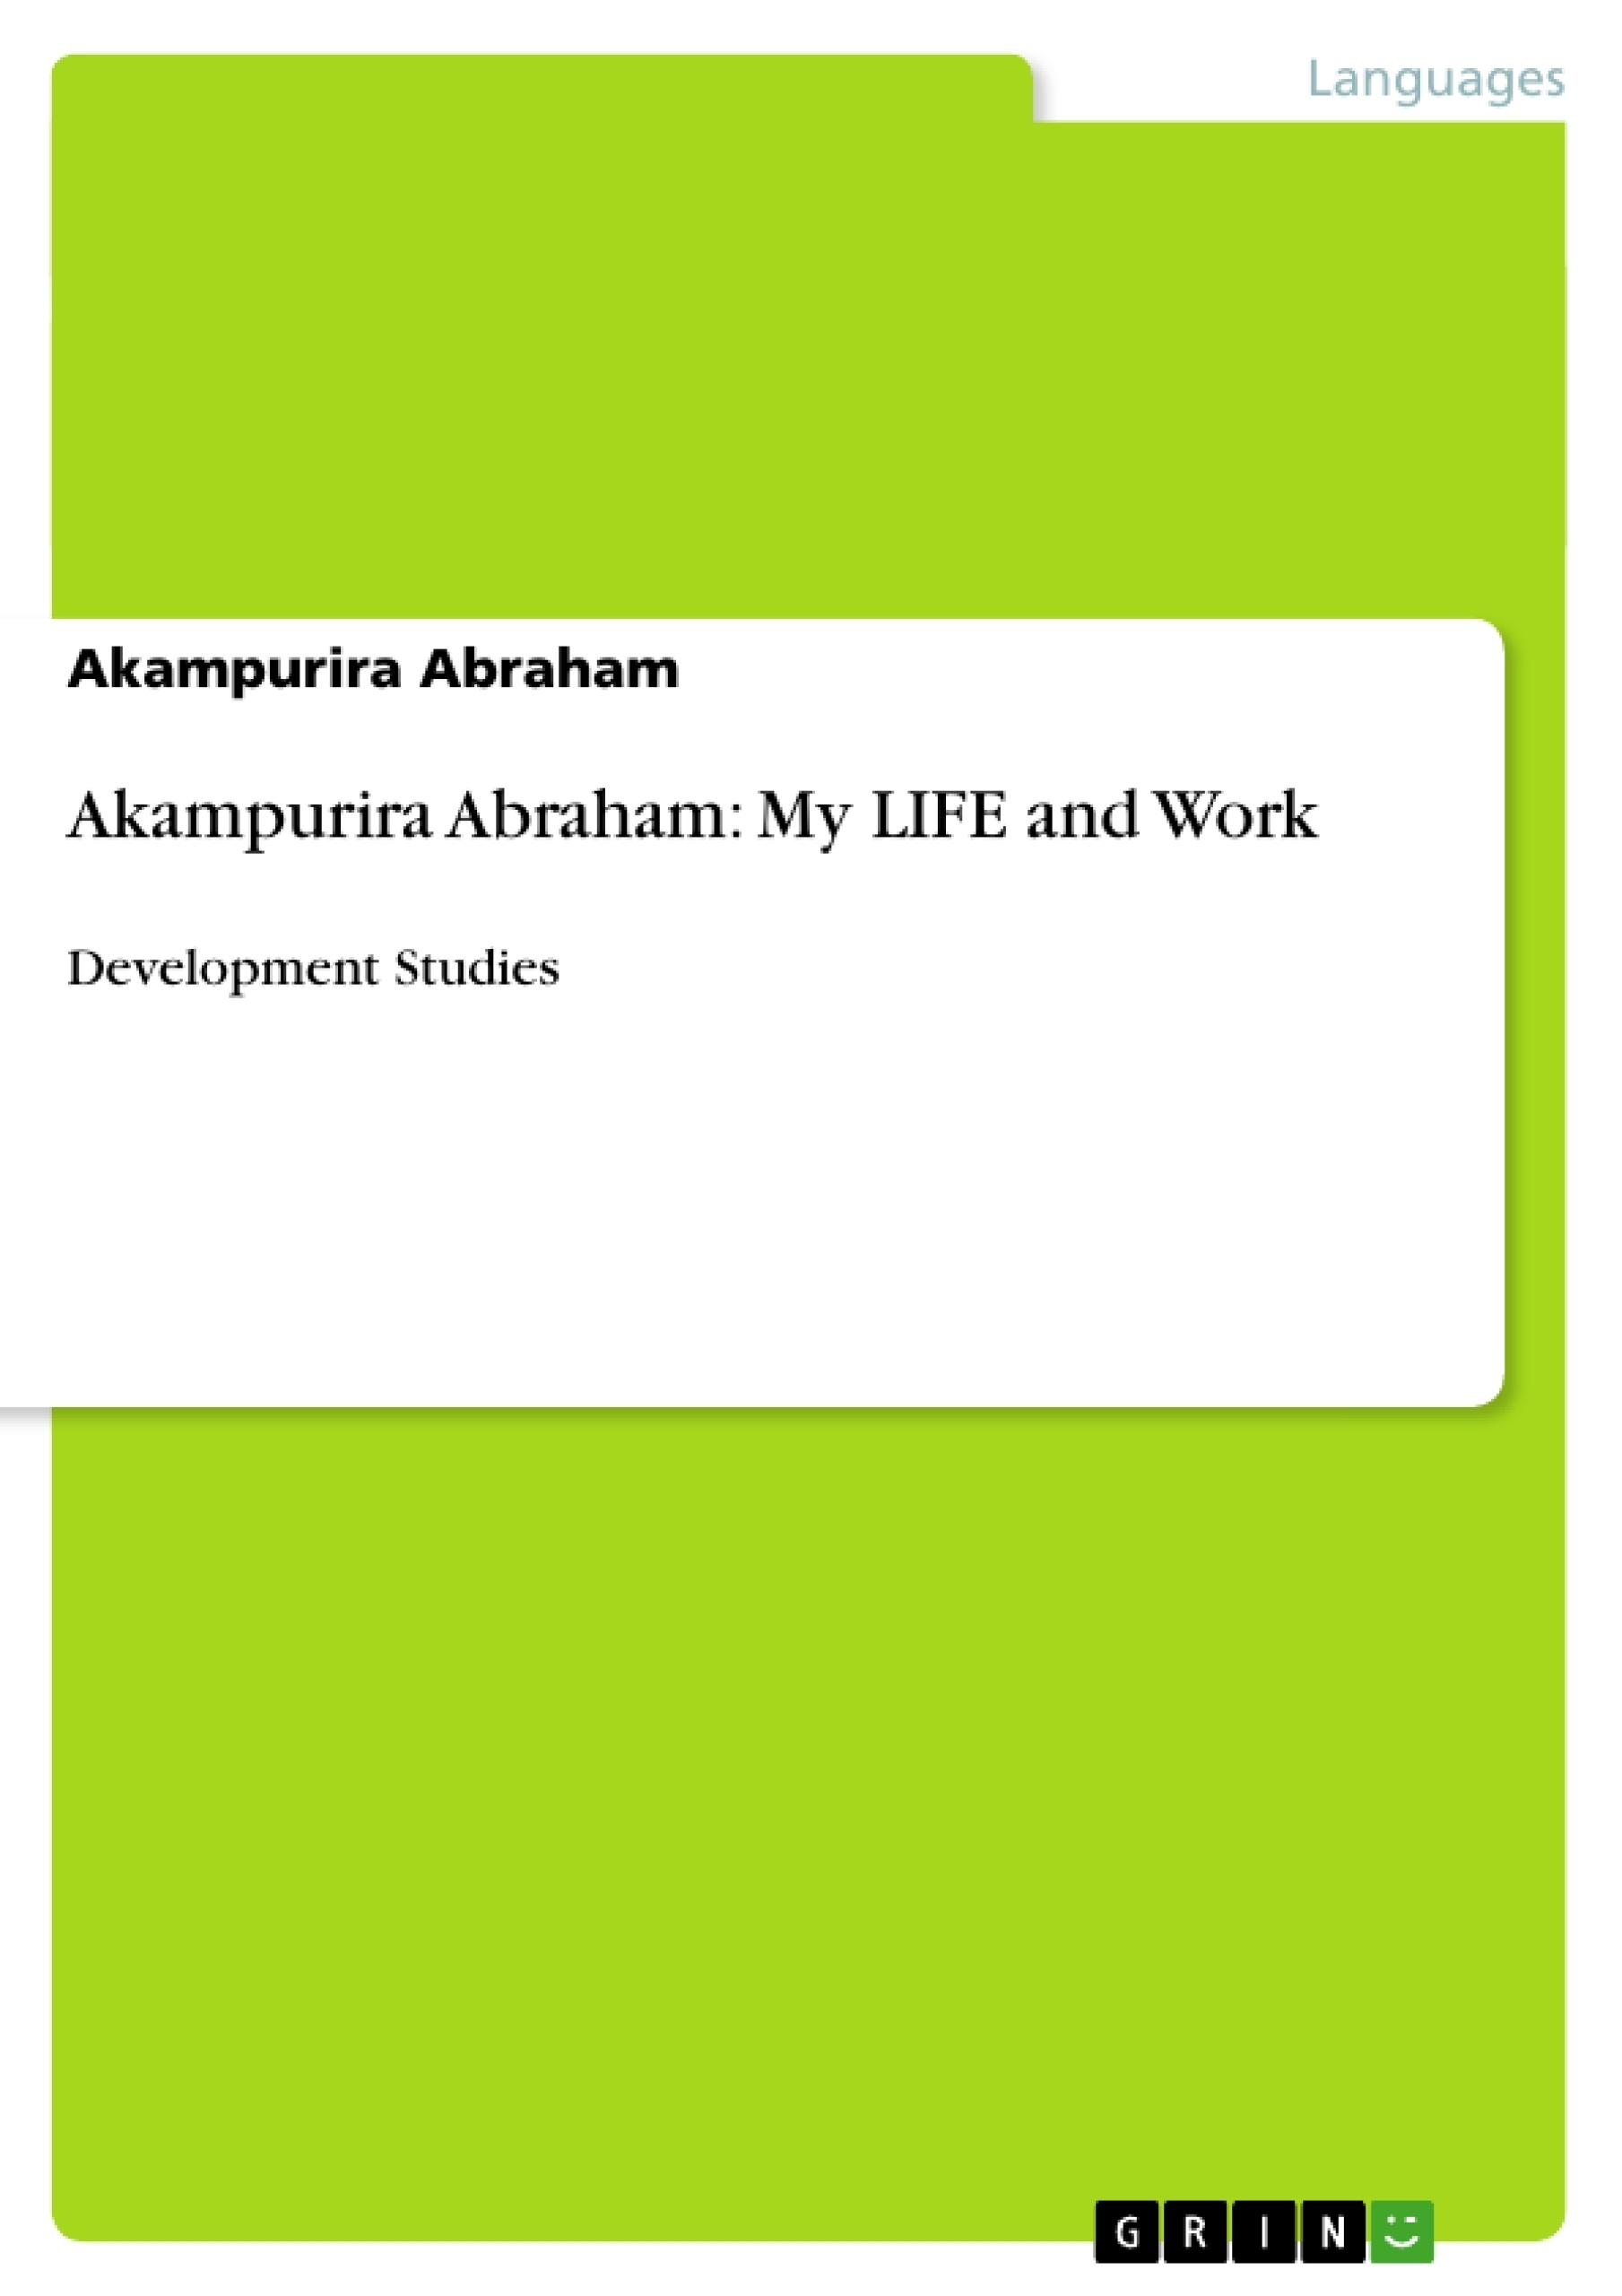 Title: Akampurira Abraham: My LIFE and Work